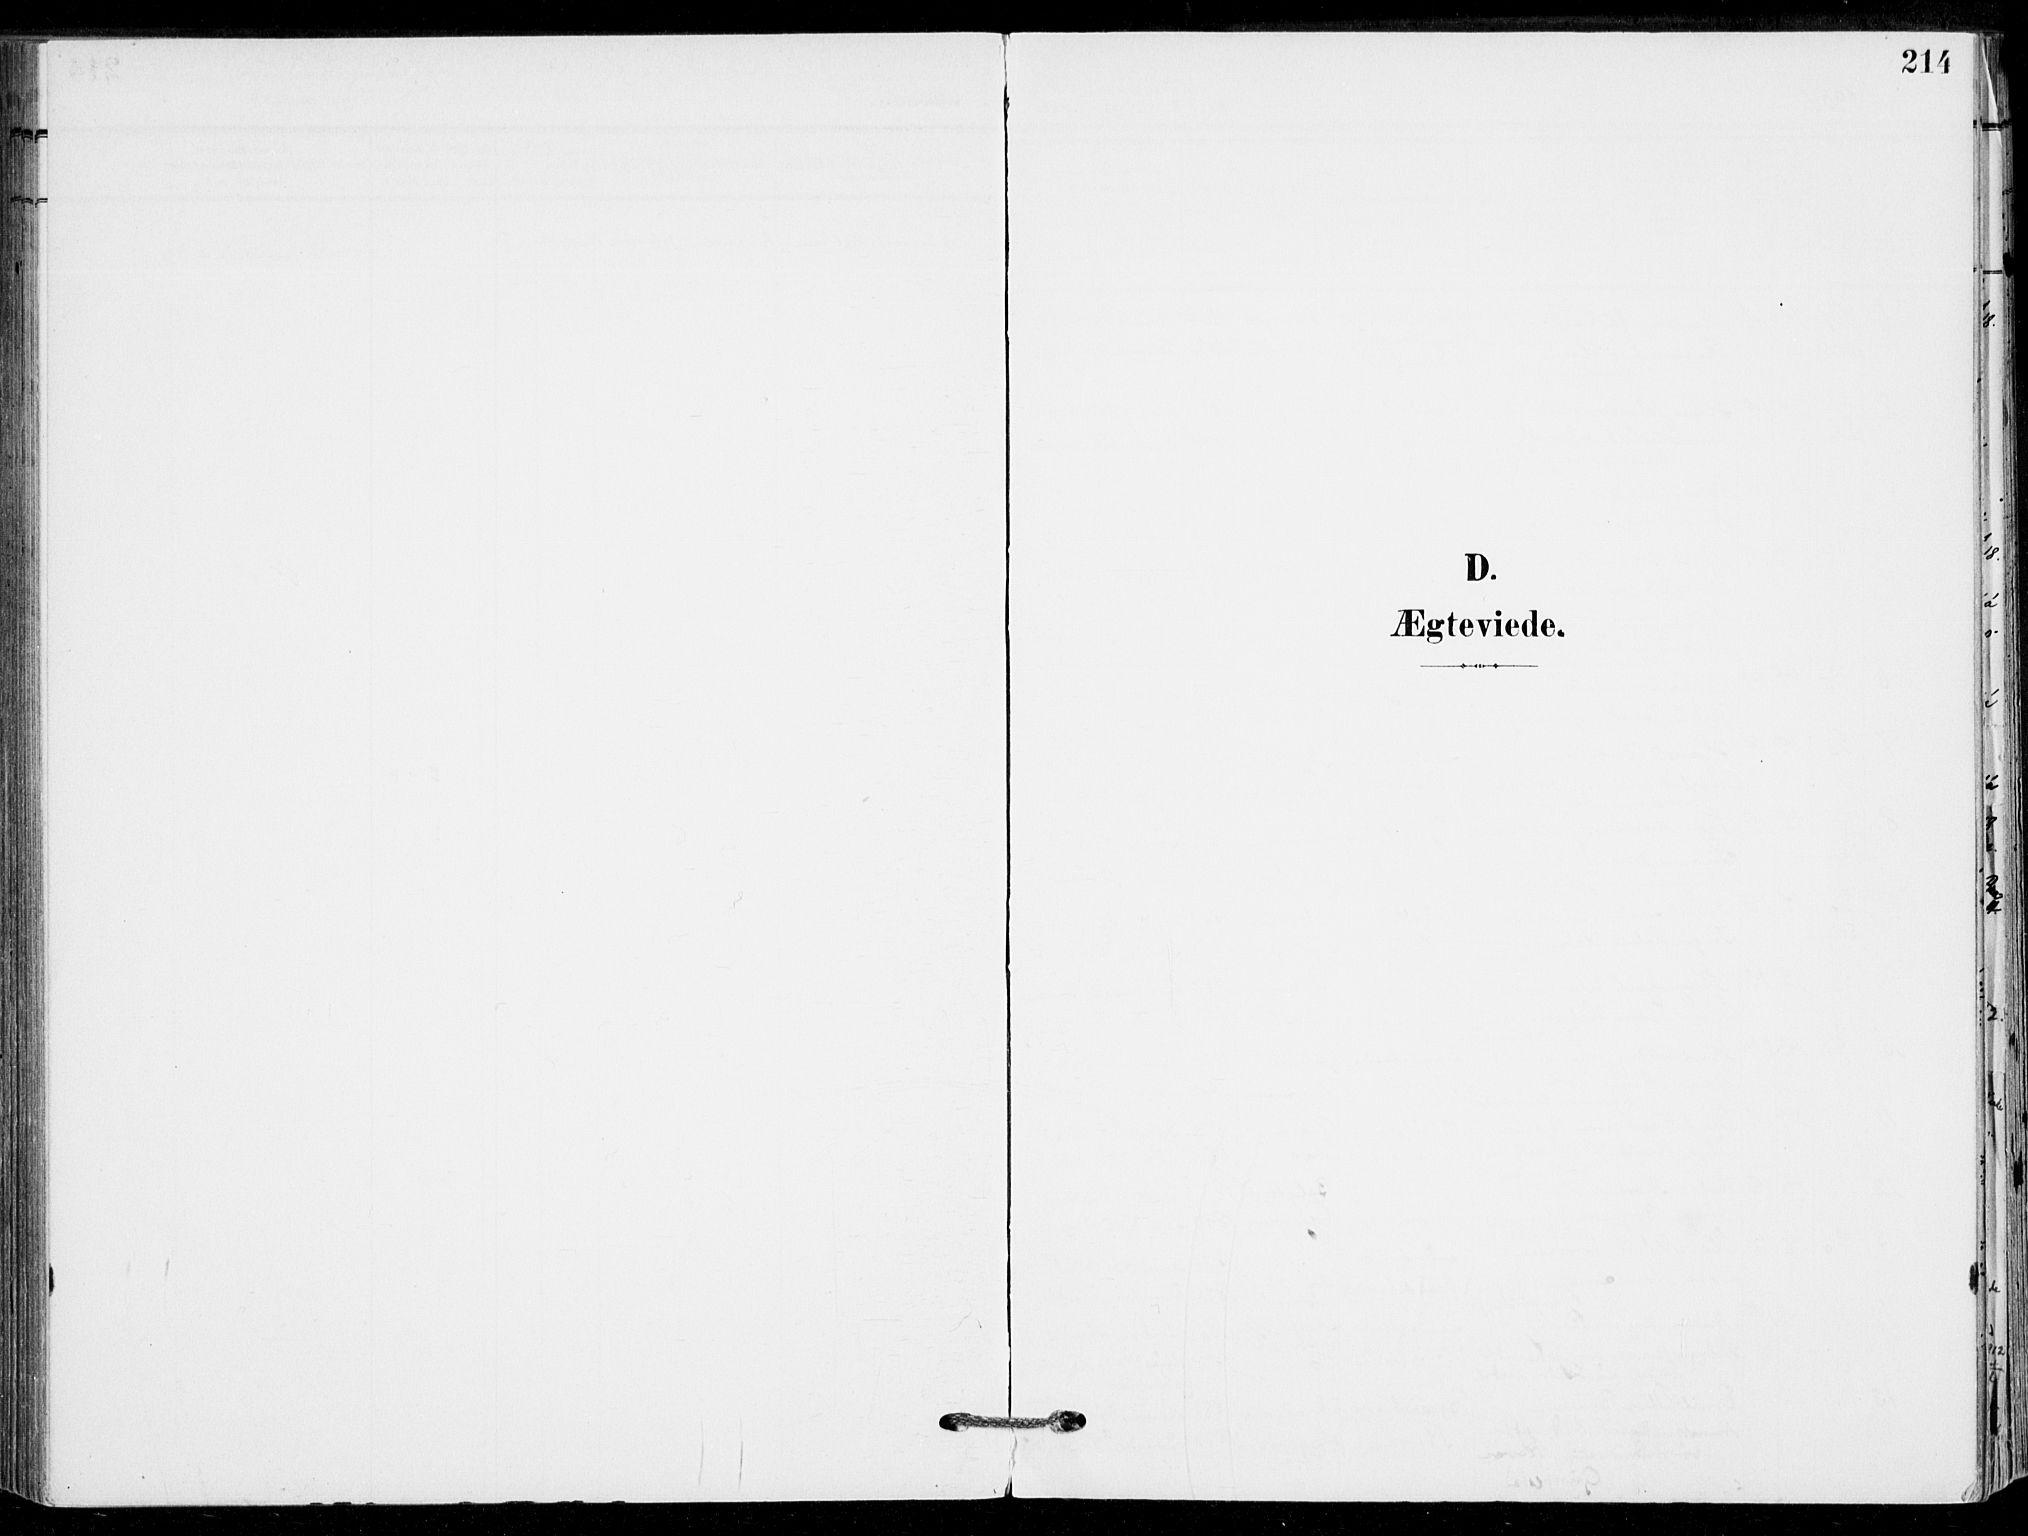 SAKO, Sande Kirkebøker, F/Fa/L0008: Ministerialbok nr. 8, 1904-1921, s. 214